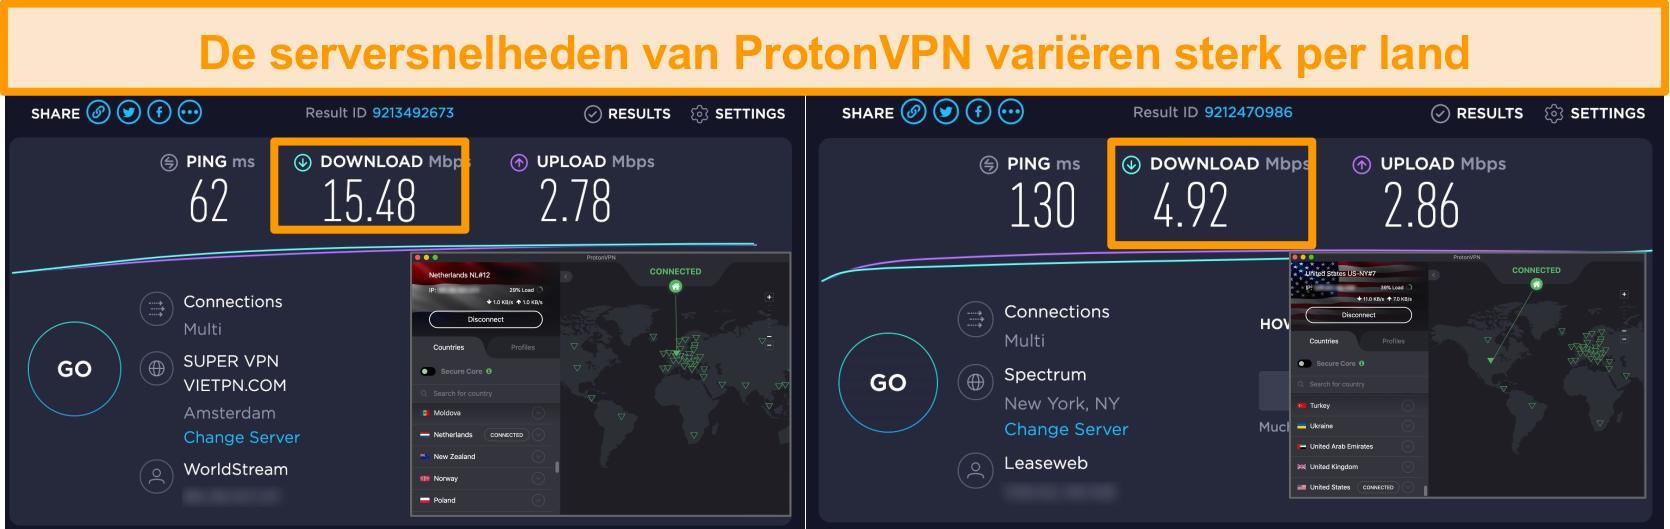 Screenshot van ProtonVPN verbonden met Nederland en de VS met resultaten van snelheidstests